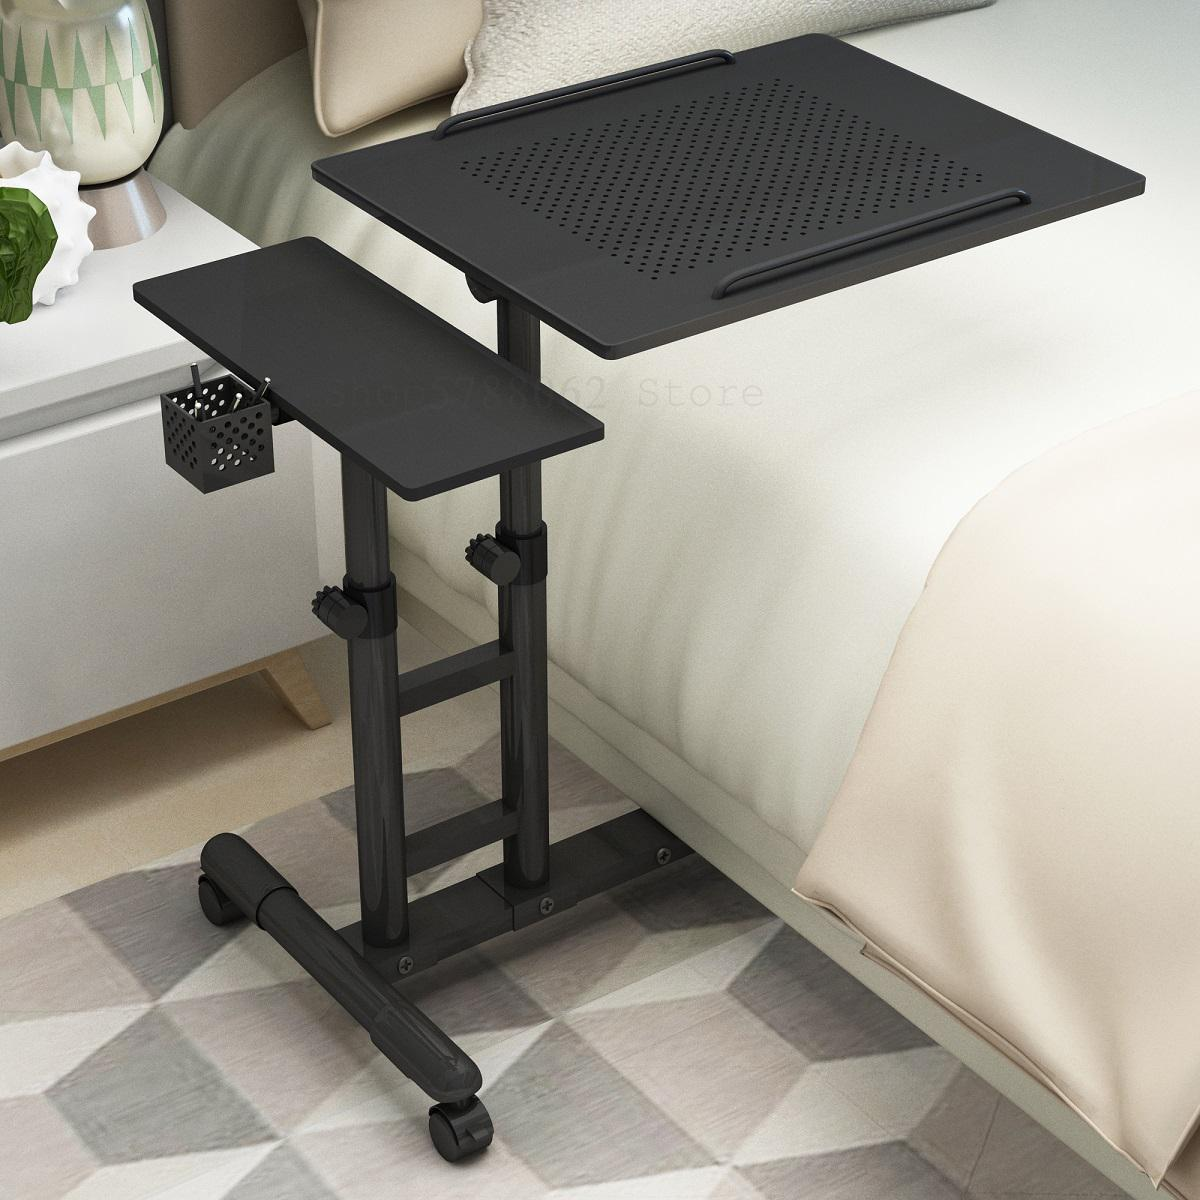 Регулируемый компьютерный стол для дома ноутбук стол простой современный мобильный компьютерный стол с подъемным прикроватные столики по...